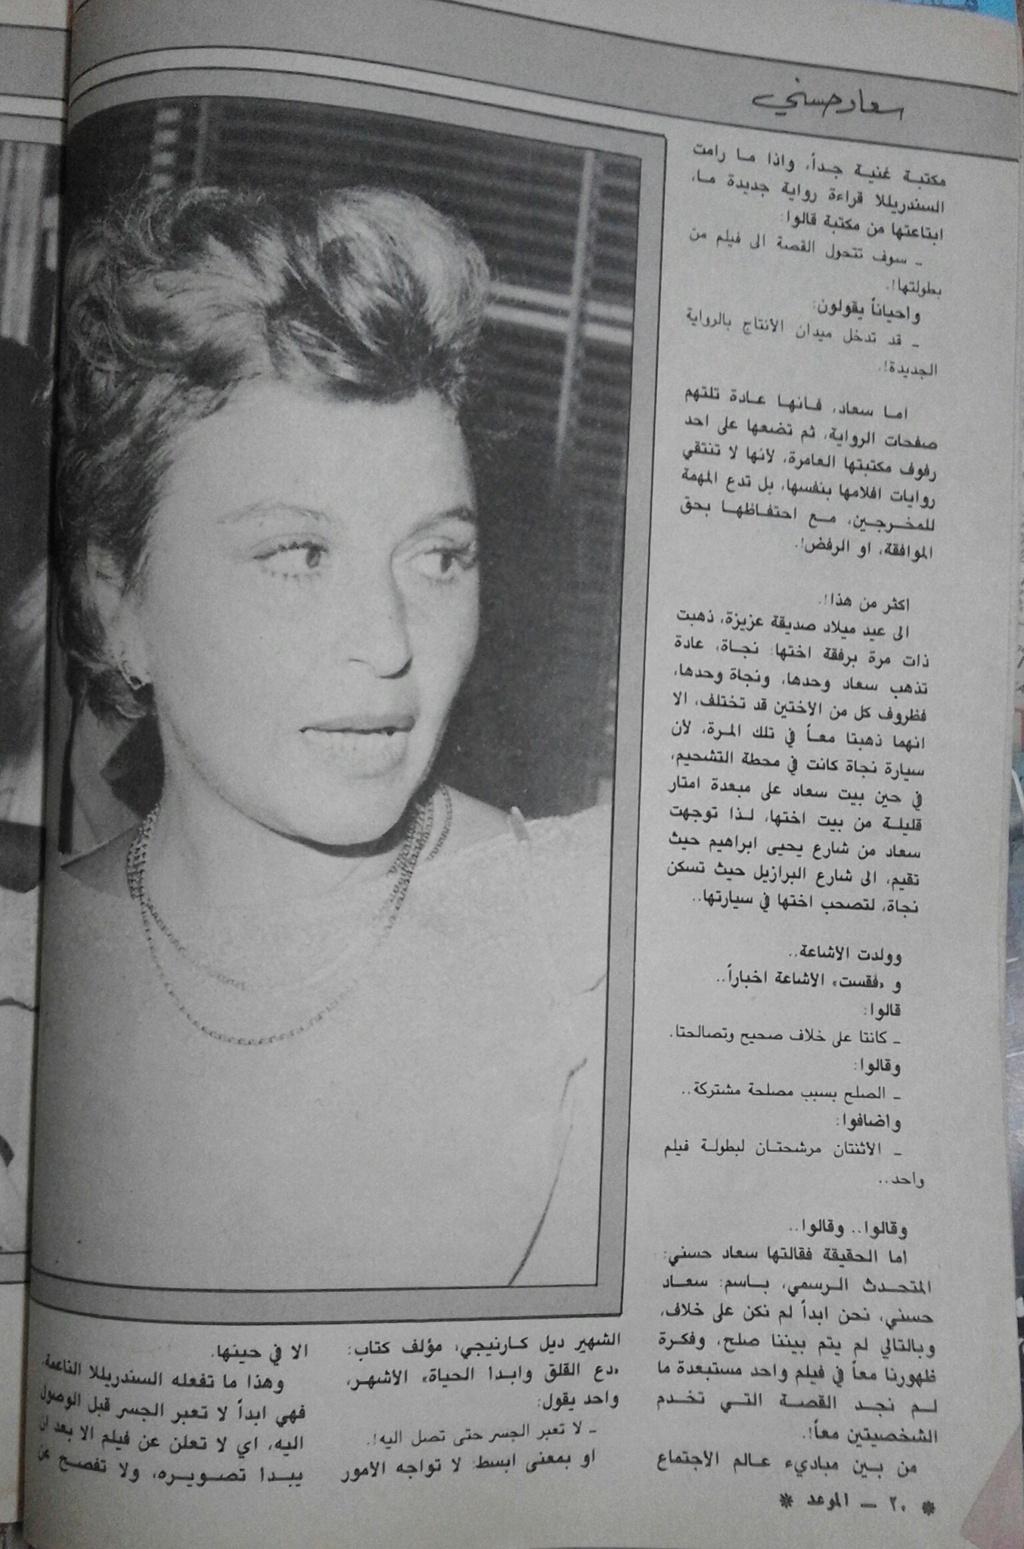 مقال - مقال صحفي : أخبار سعاد حسني لاتعرفها وتعلنها إلا .. سعاد حسني 1986 م 313